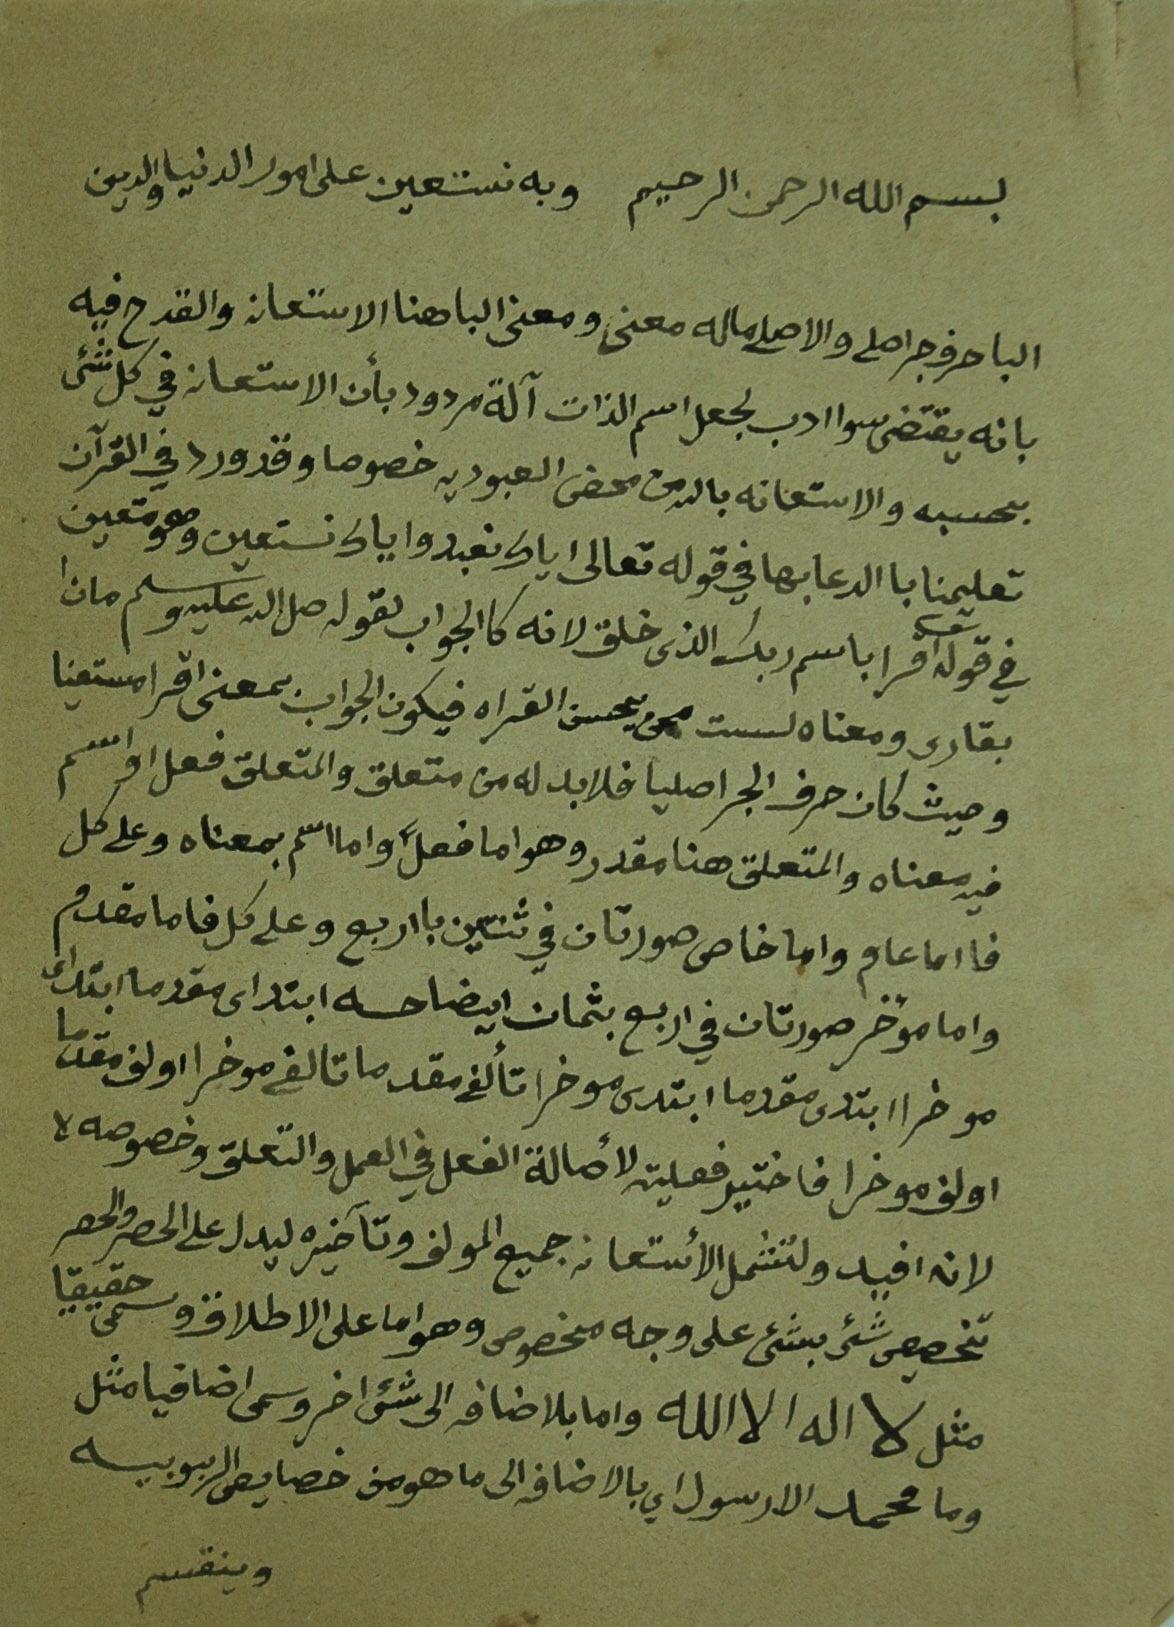 الكلام على البسملة إعرابا ومعنى للعلامة عبد الله الزهيلي